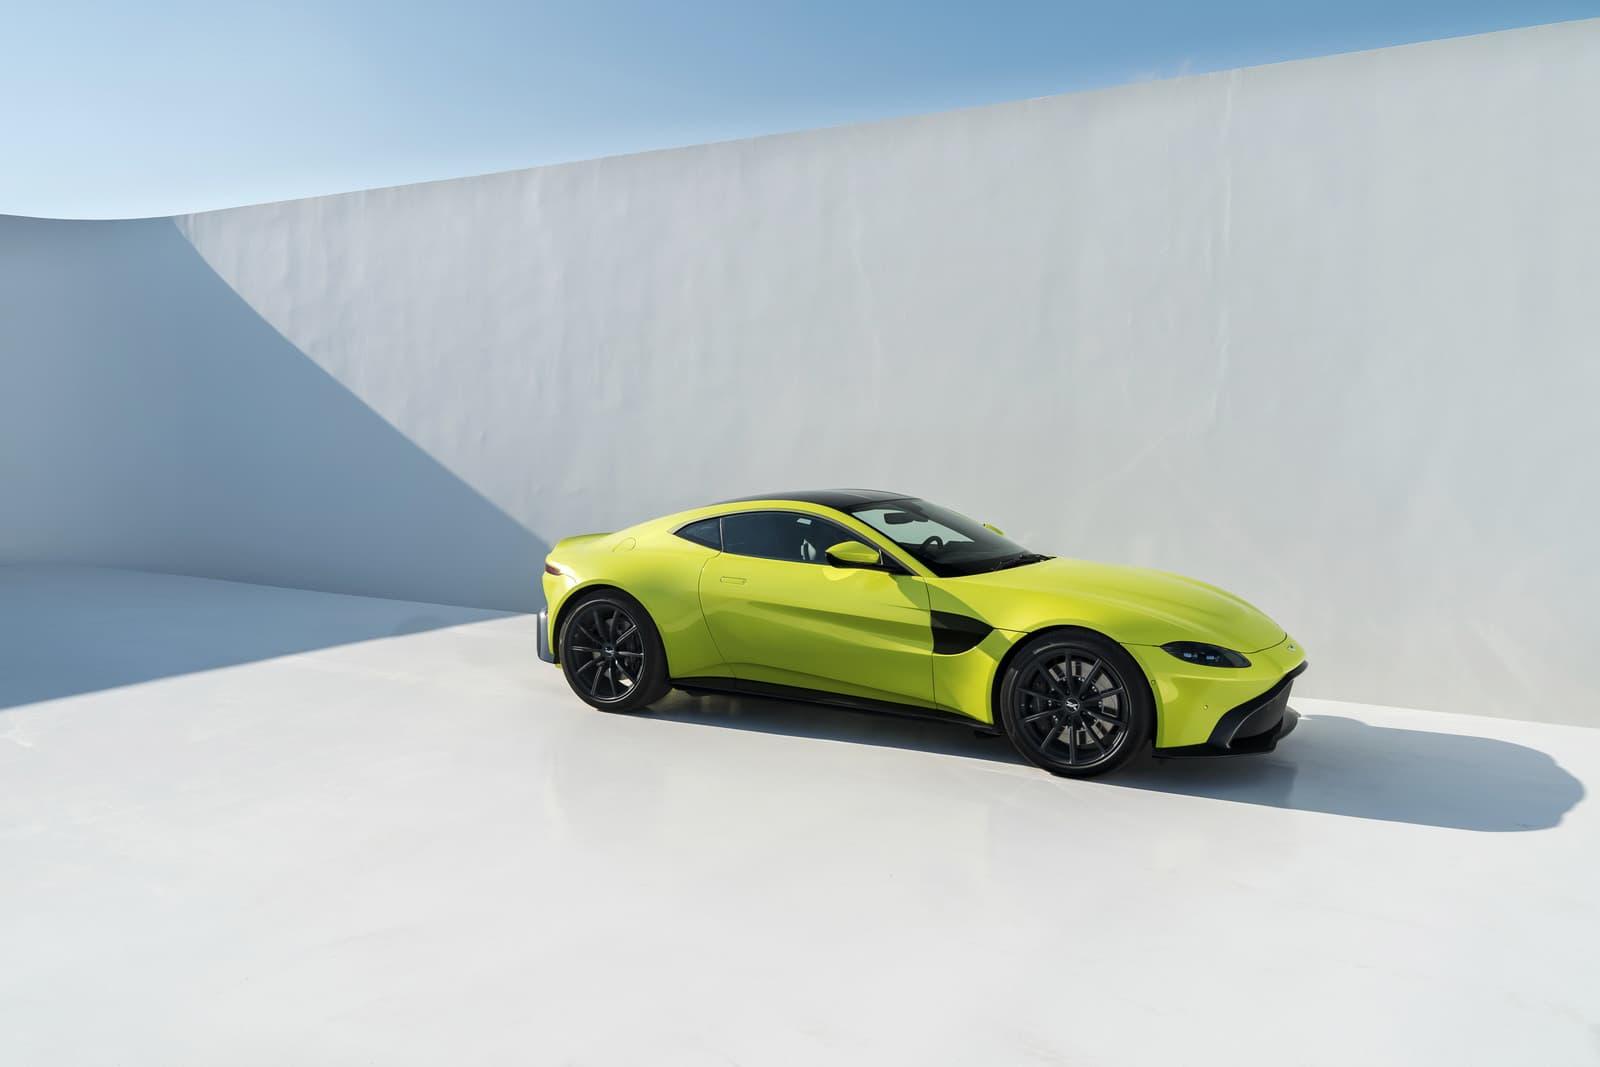 2019 Aston Martin Vantage Hypebeast